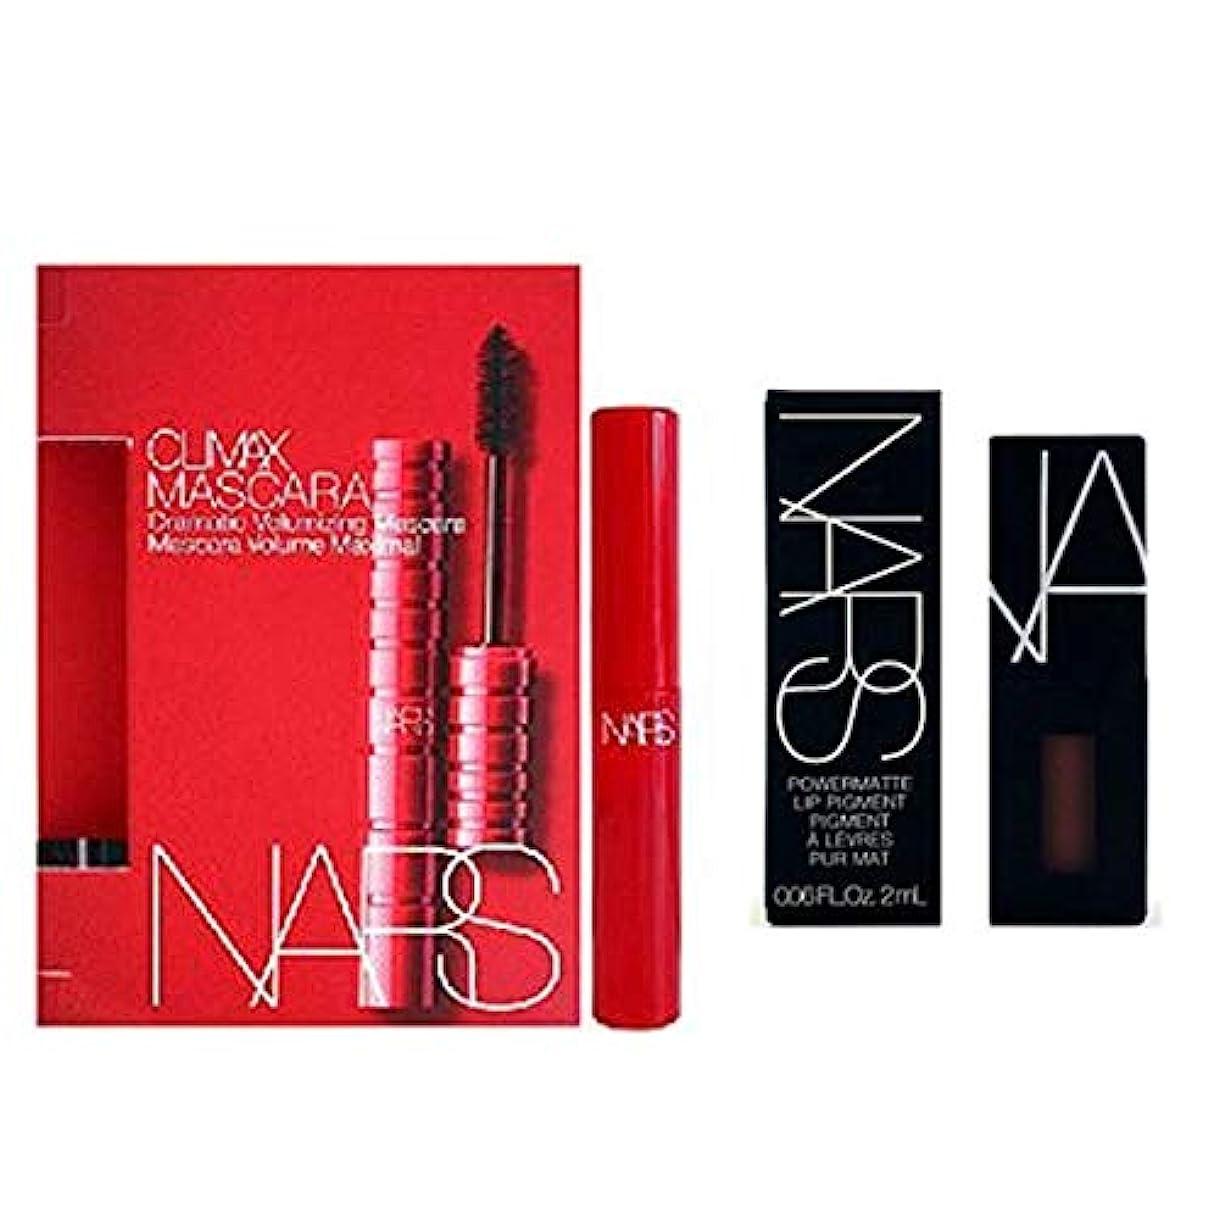 マニア役に立つNARS(ナーズ) Mini 2set - Mascara(Explict Black) + Lip Pigment(American Woman) [海外直送品] [並行輸入品]